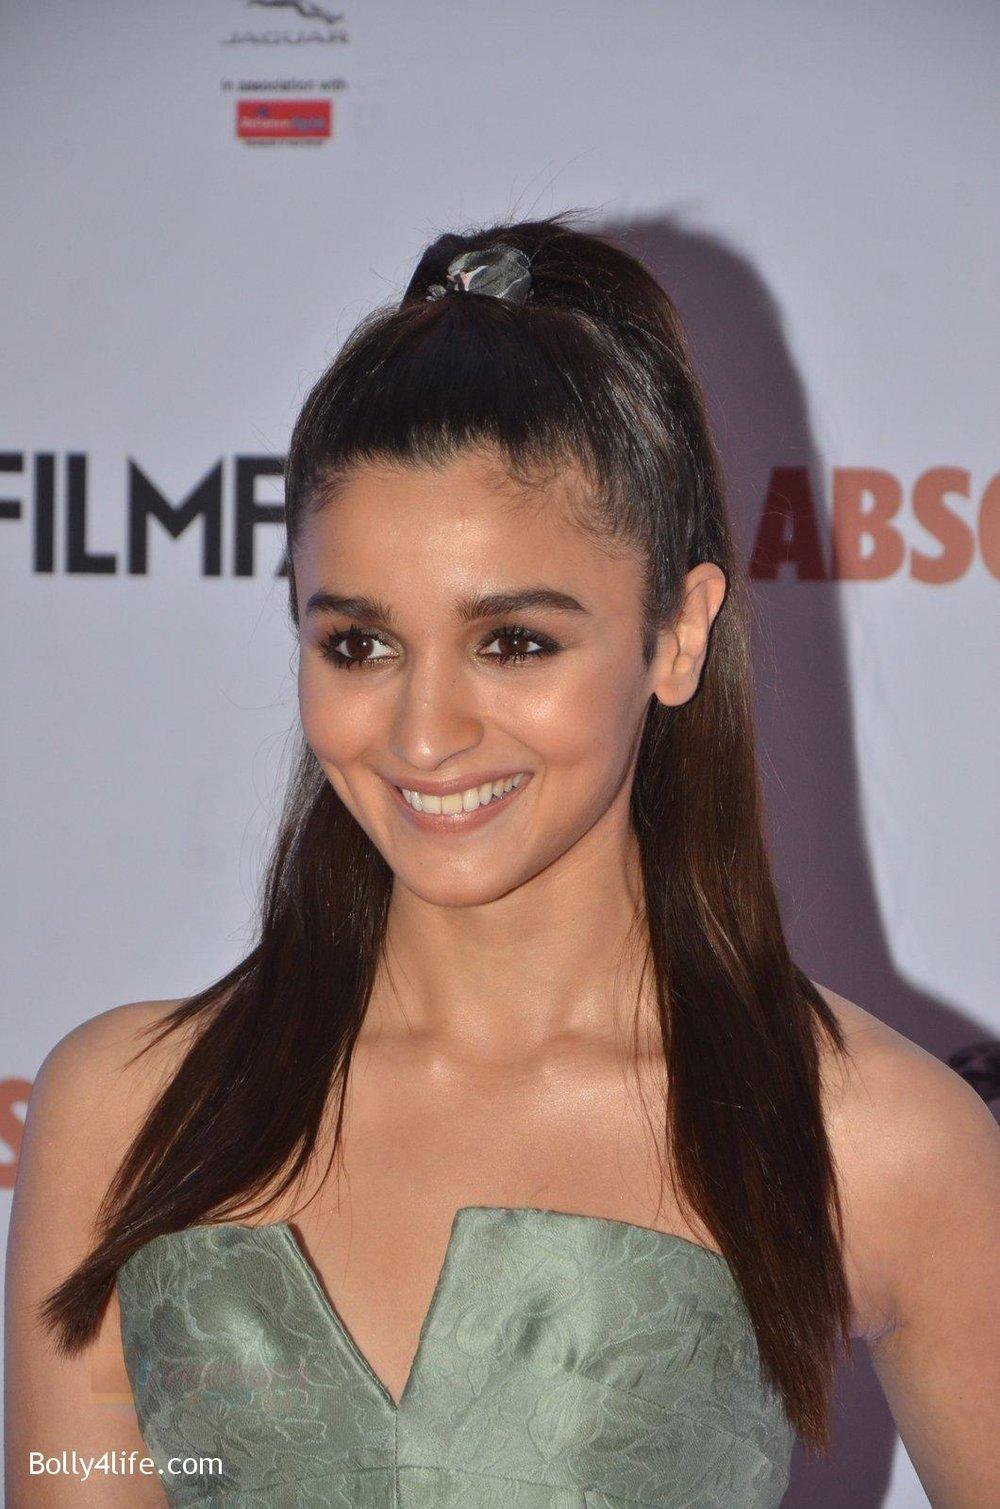 Alia-Bhatt-at-Filmfare-Glamour-Style-Awards-2016-in-Mumbai-on-15th-Oct-2016-1784.jpg